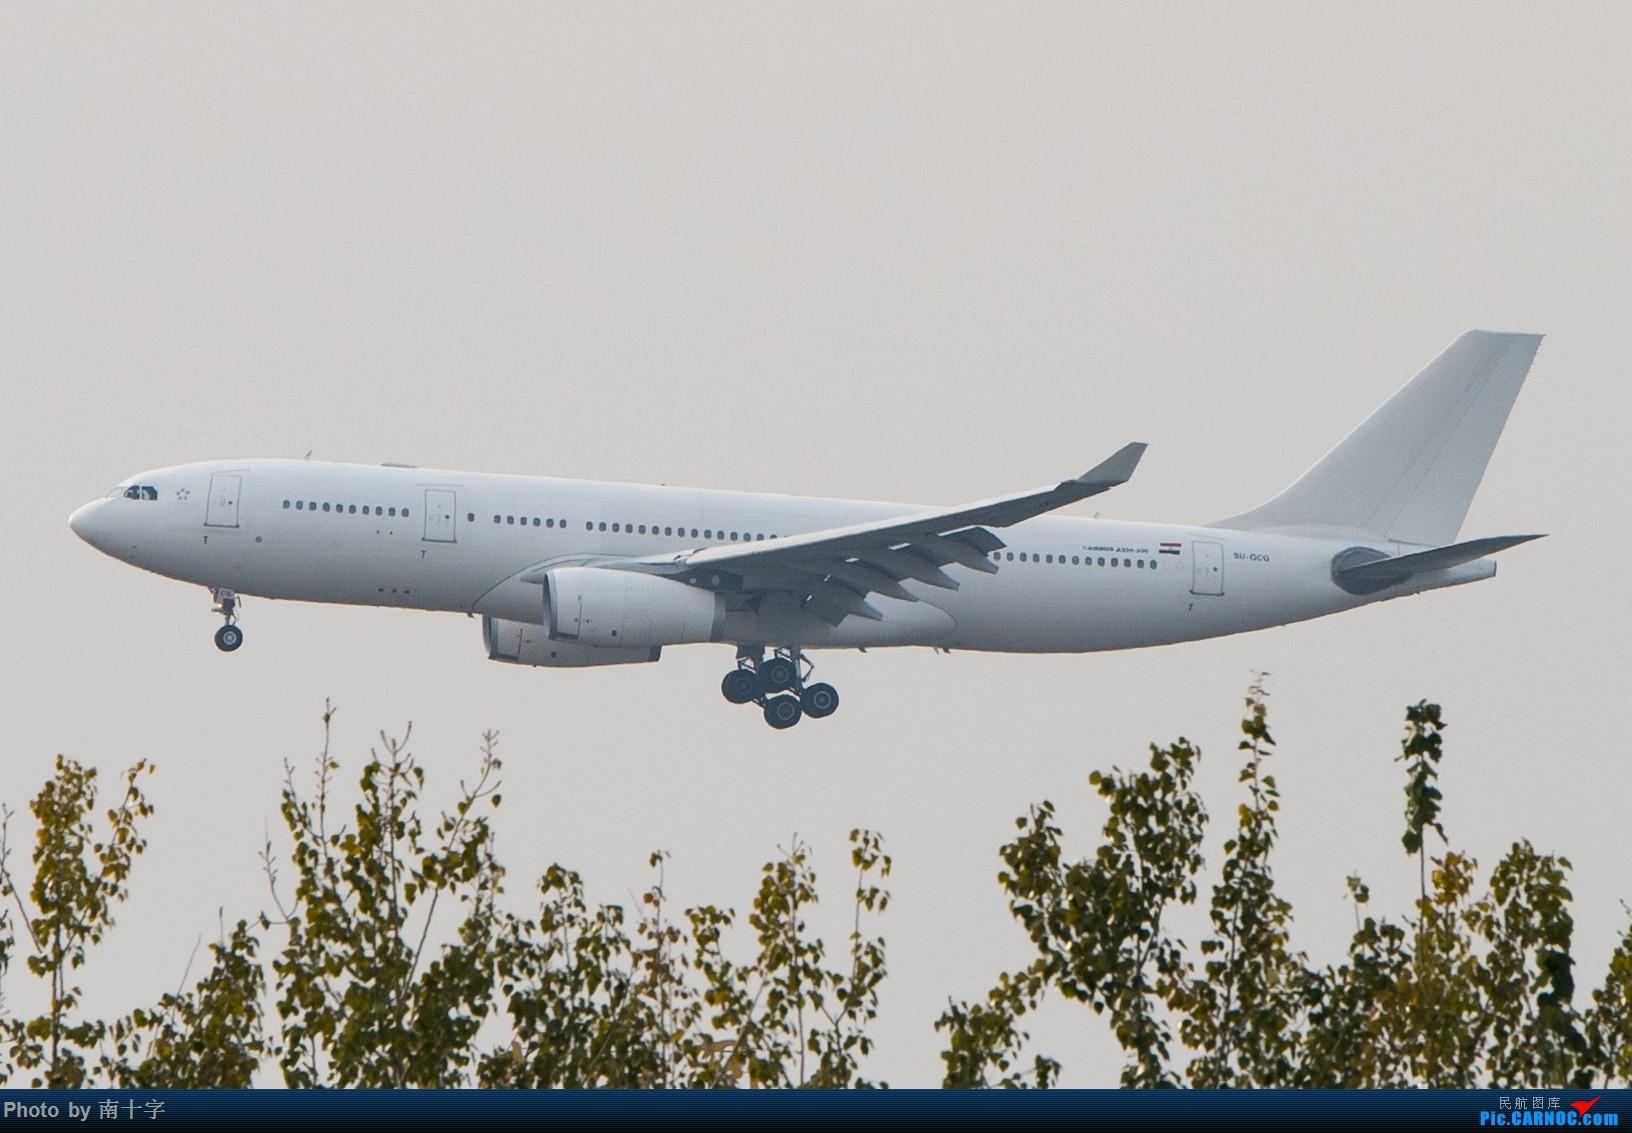 Re:[原创]「懒癌晚期突然来了精神」发发十一月的一次PEK拍机(空军一号) AIRBUS A330-200 SU-GCG 中国北京首都国际机场